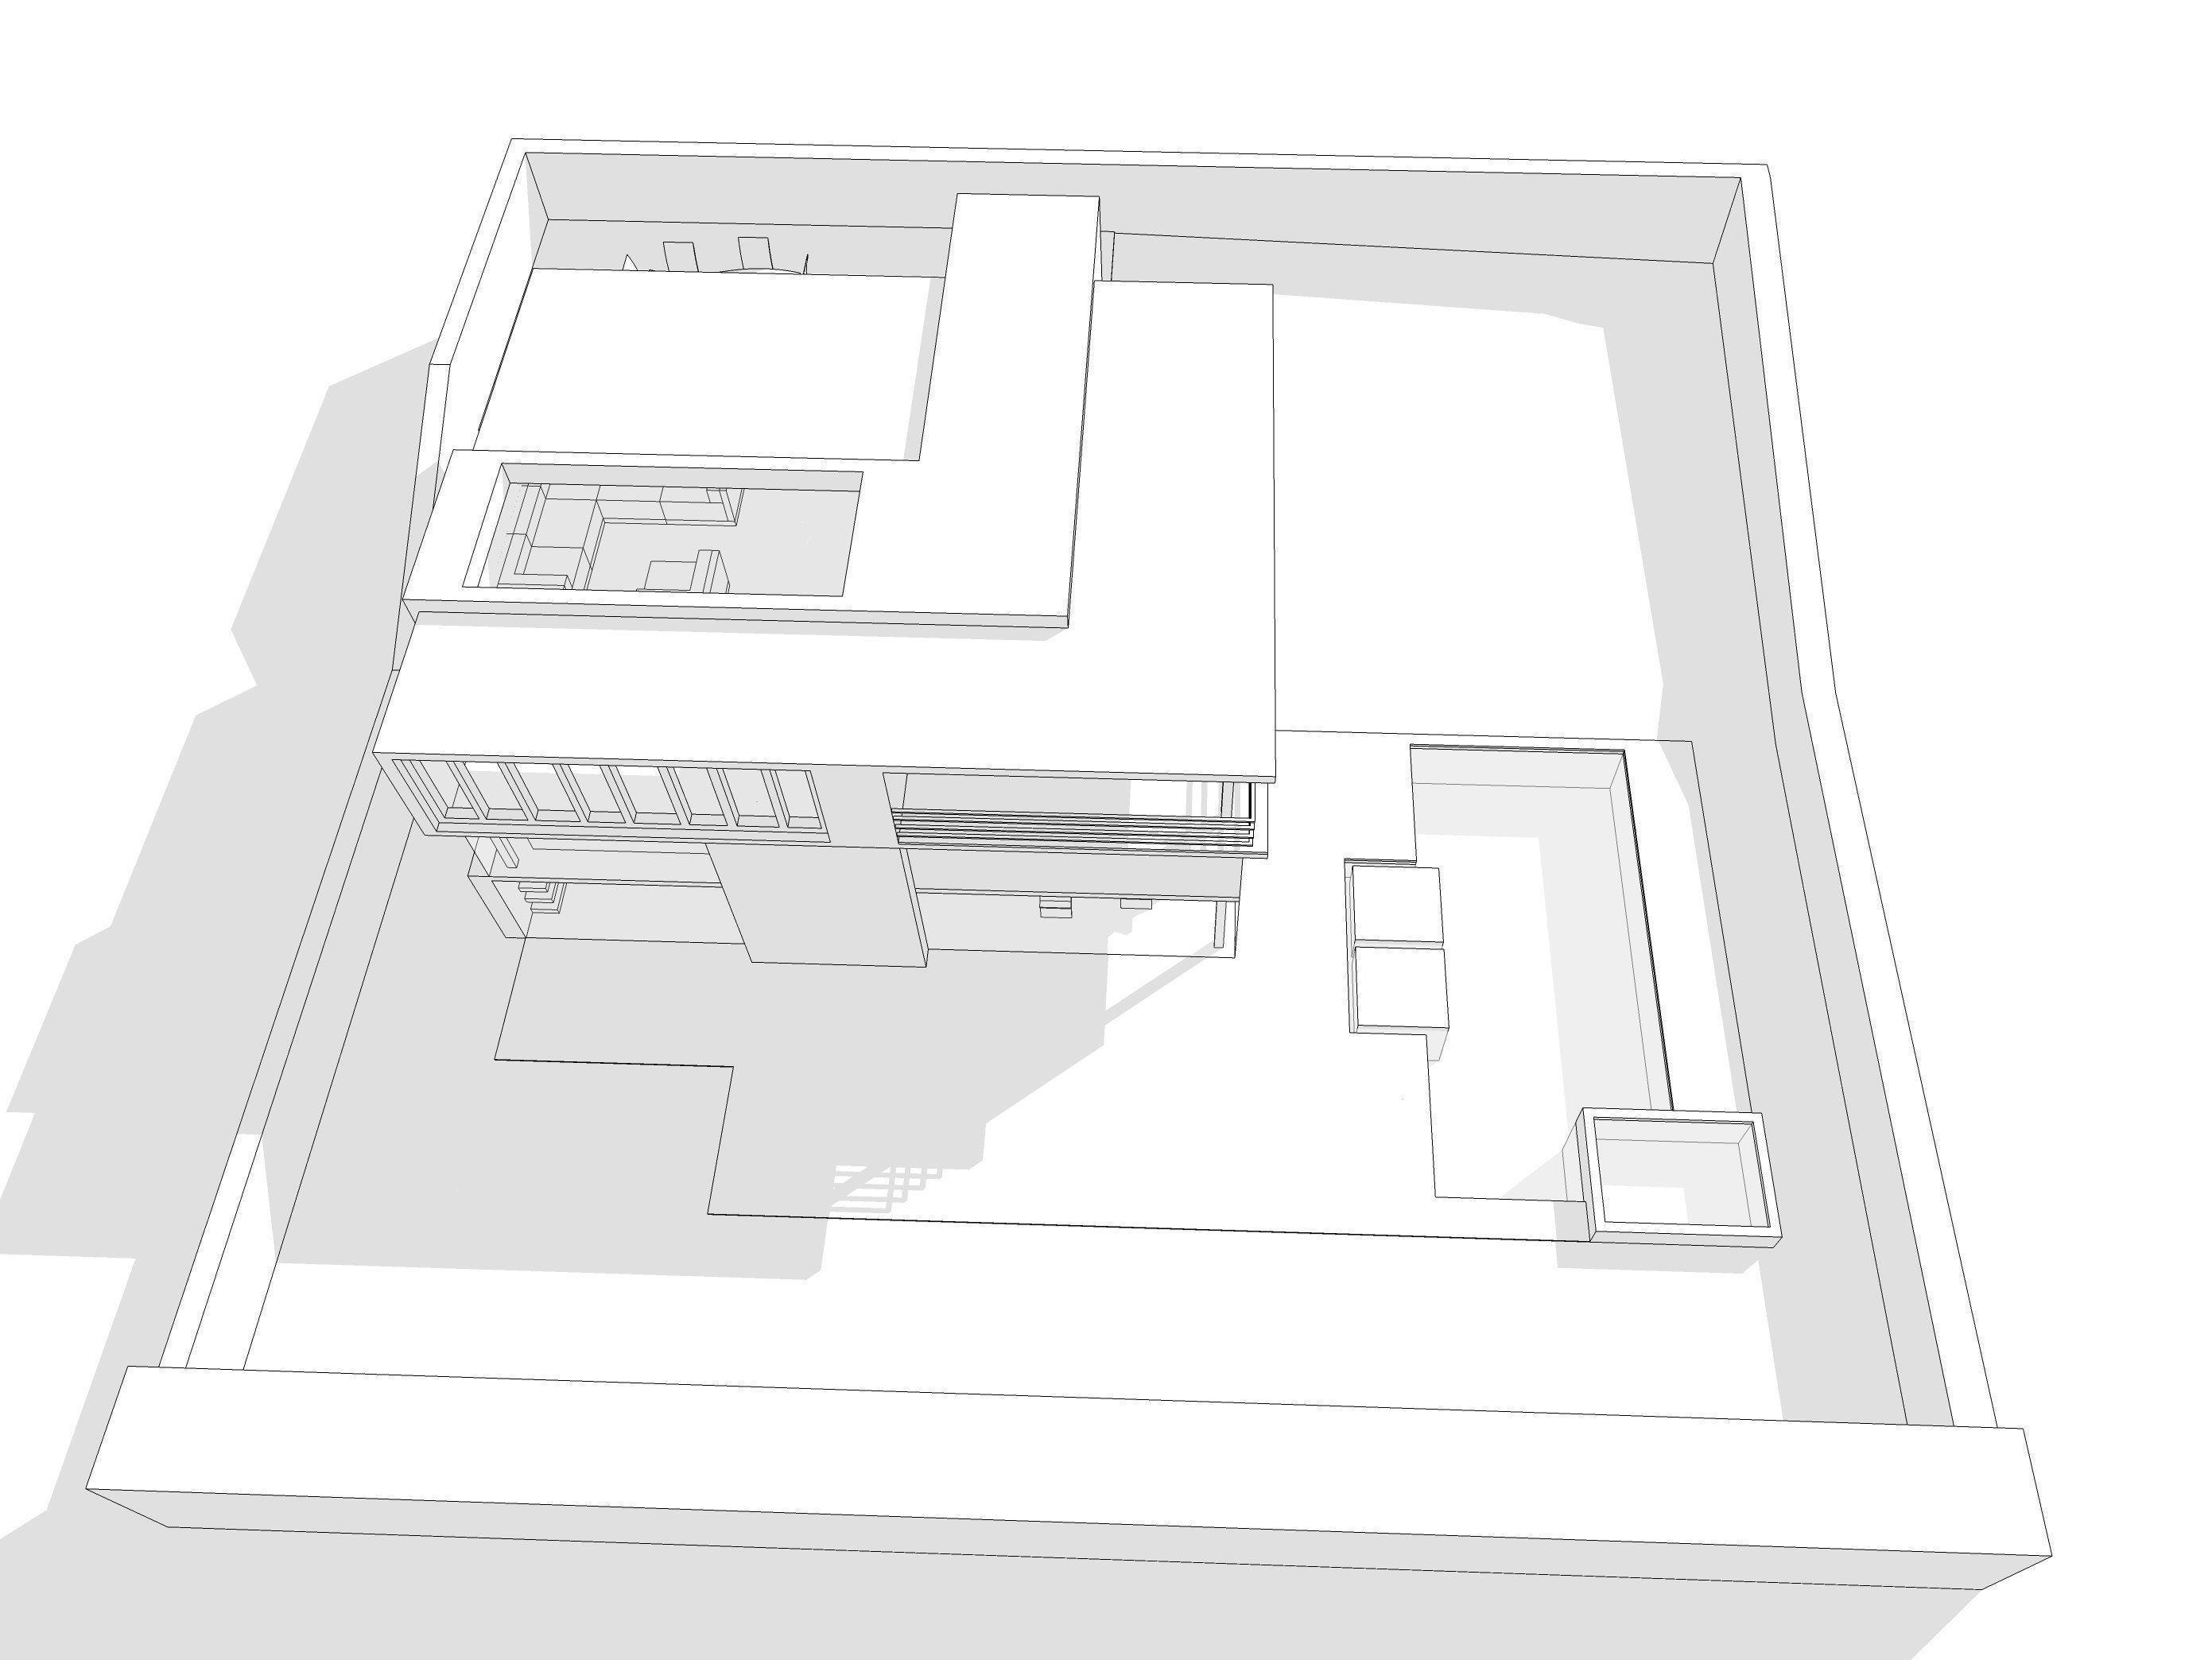 Modern House 3d Model 3ds Dae Dwg Skp 4